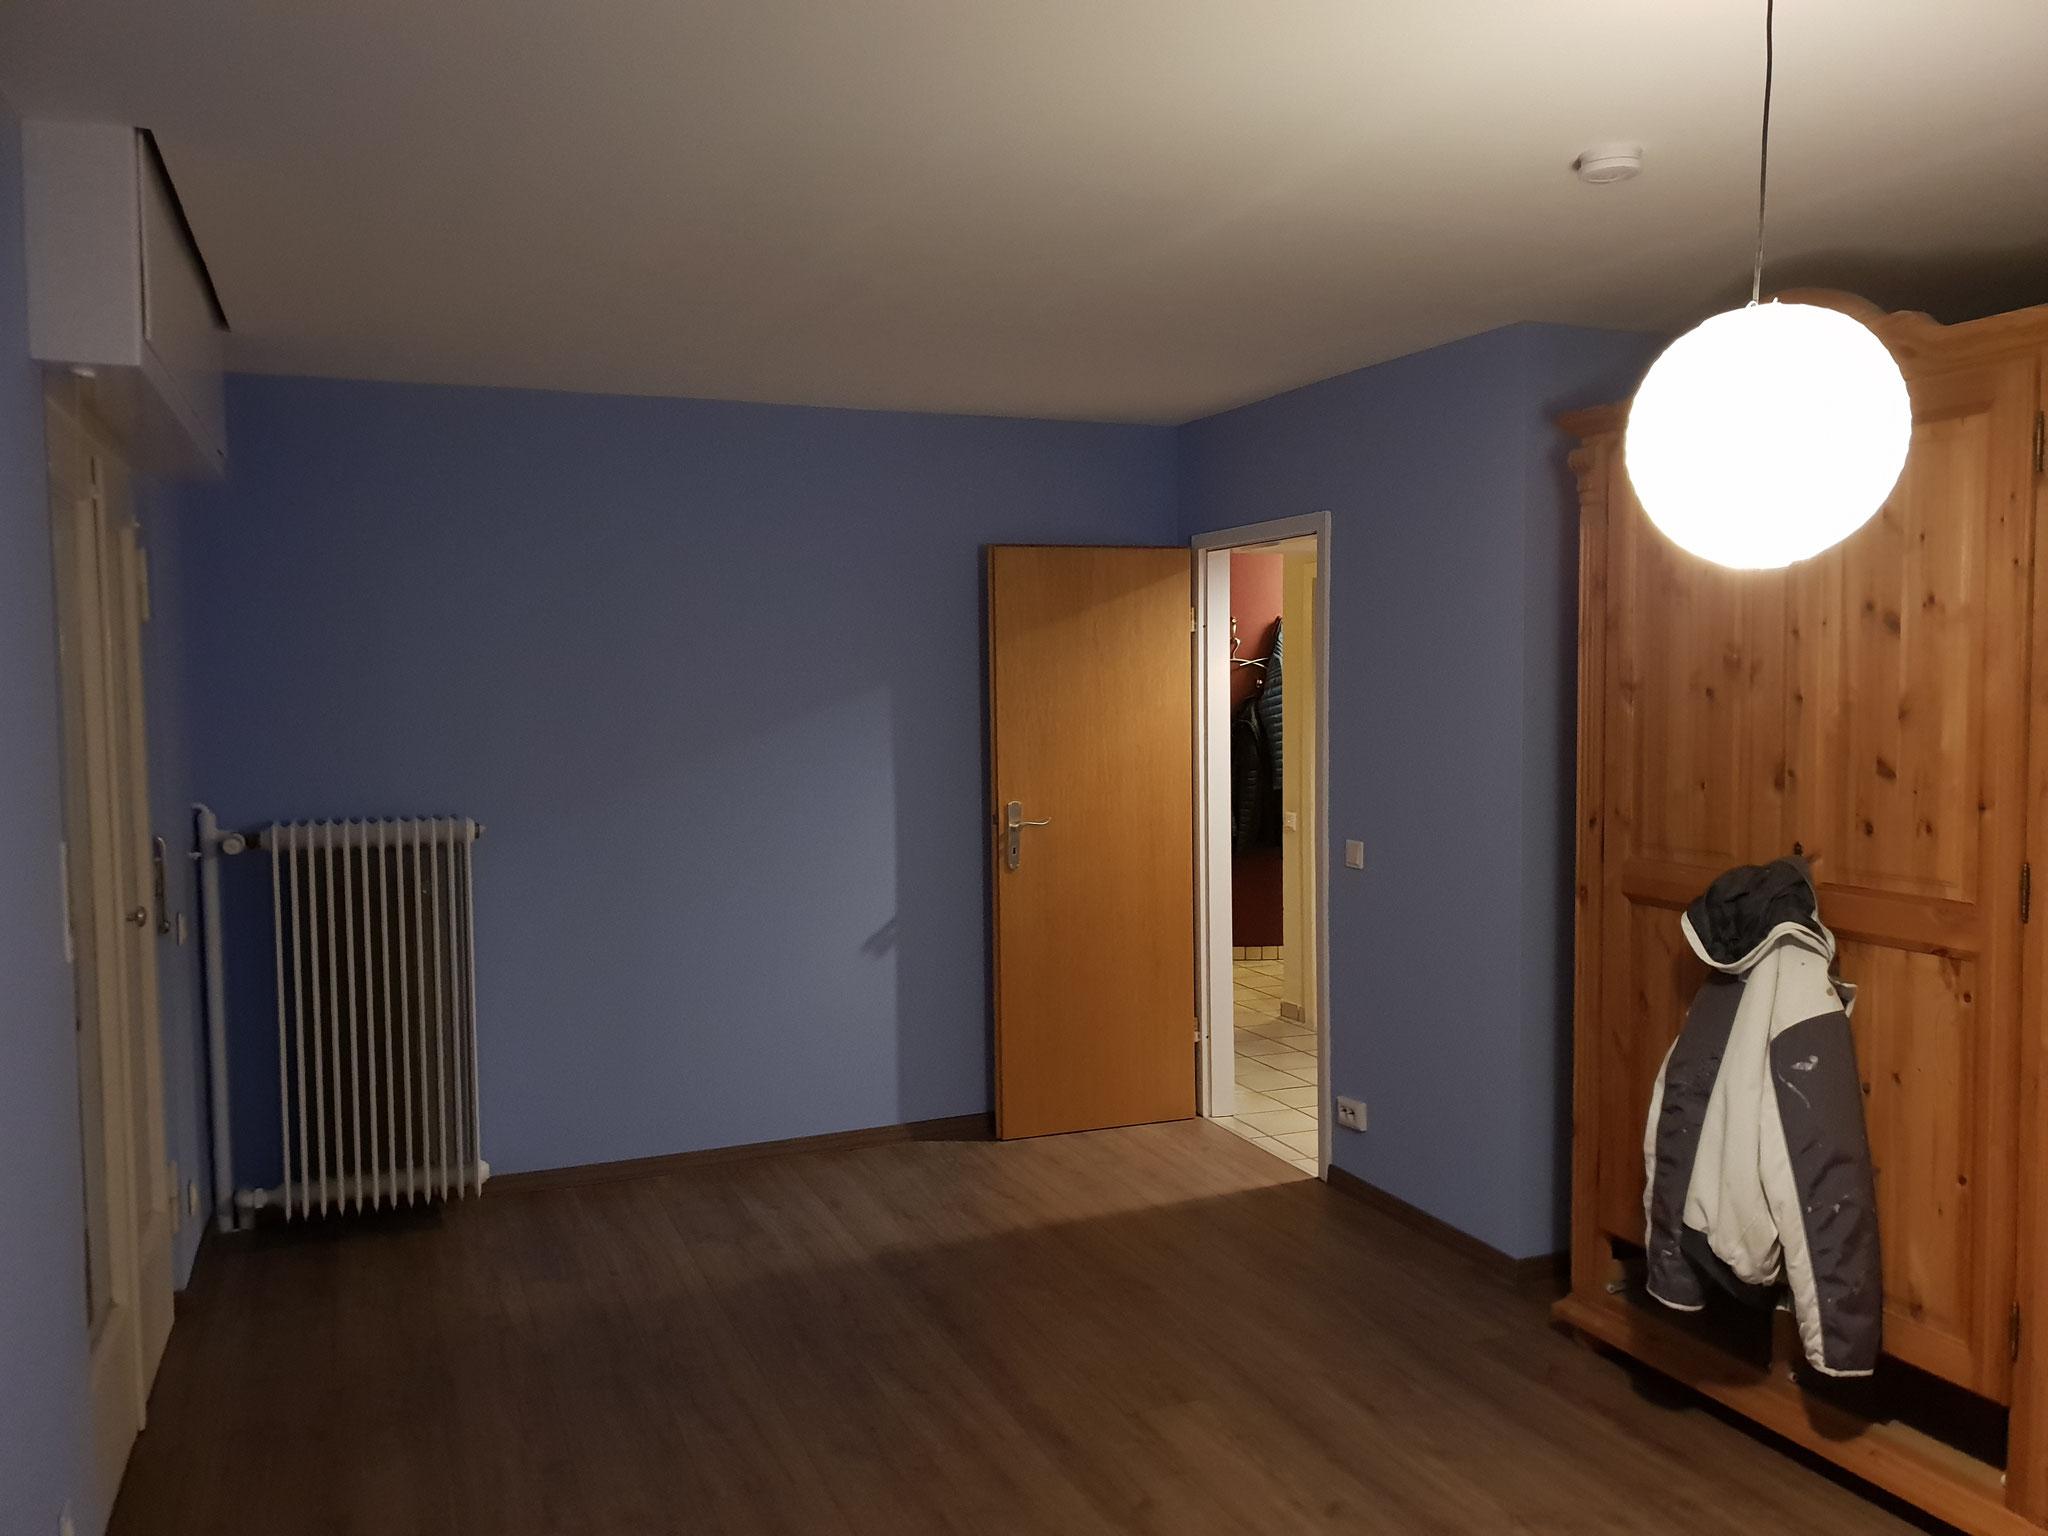 Endergebnis nach Renovierung: Decke abgehangen; Wände mit Silikatputz gespachtelt (positiver Einfluss auf das Raumklima) und neuen Laminat verlegt.